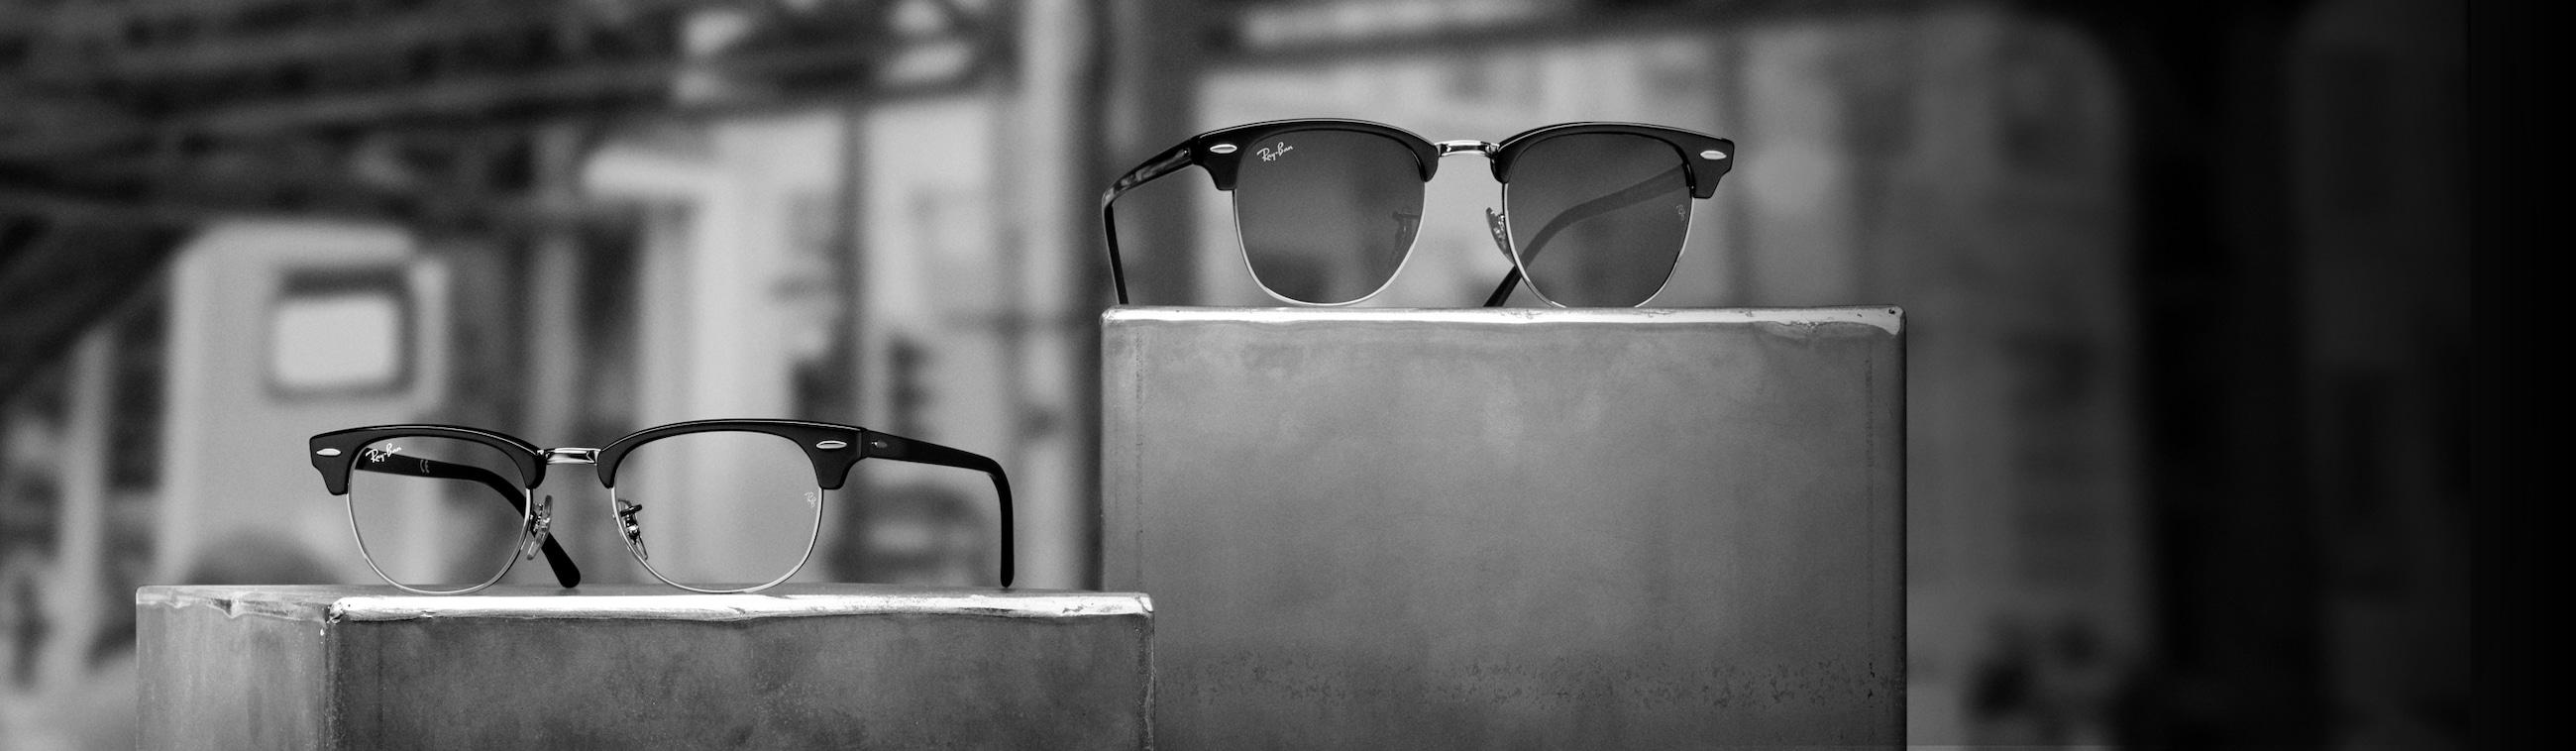 ray ban erika sunglass hut australia